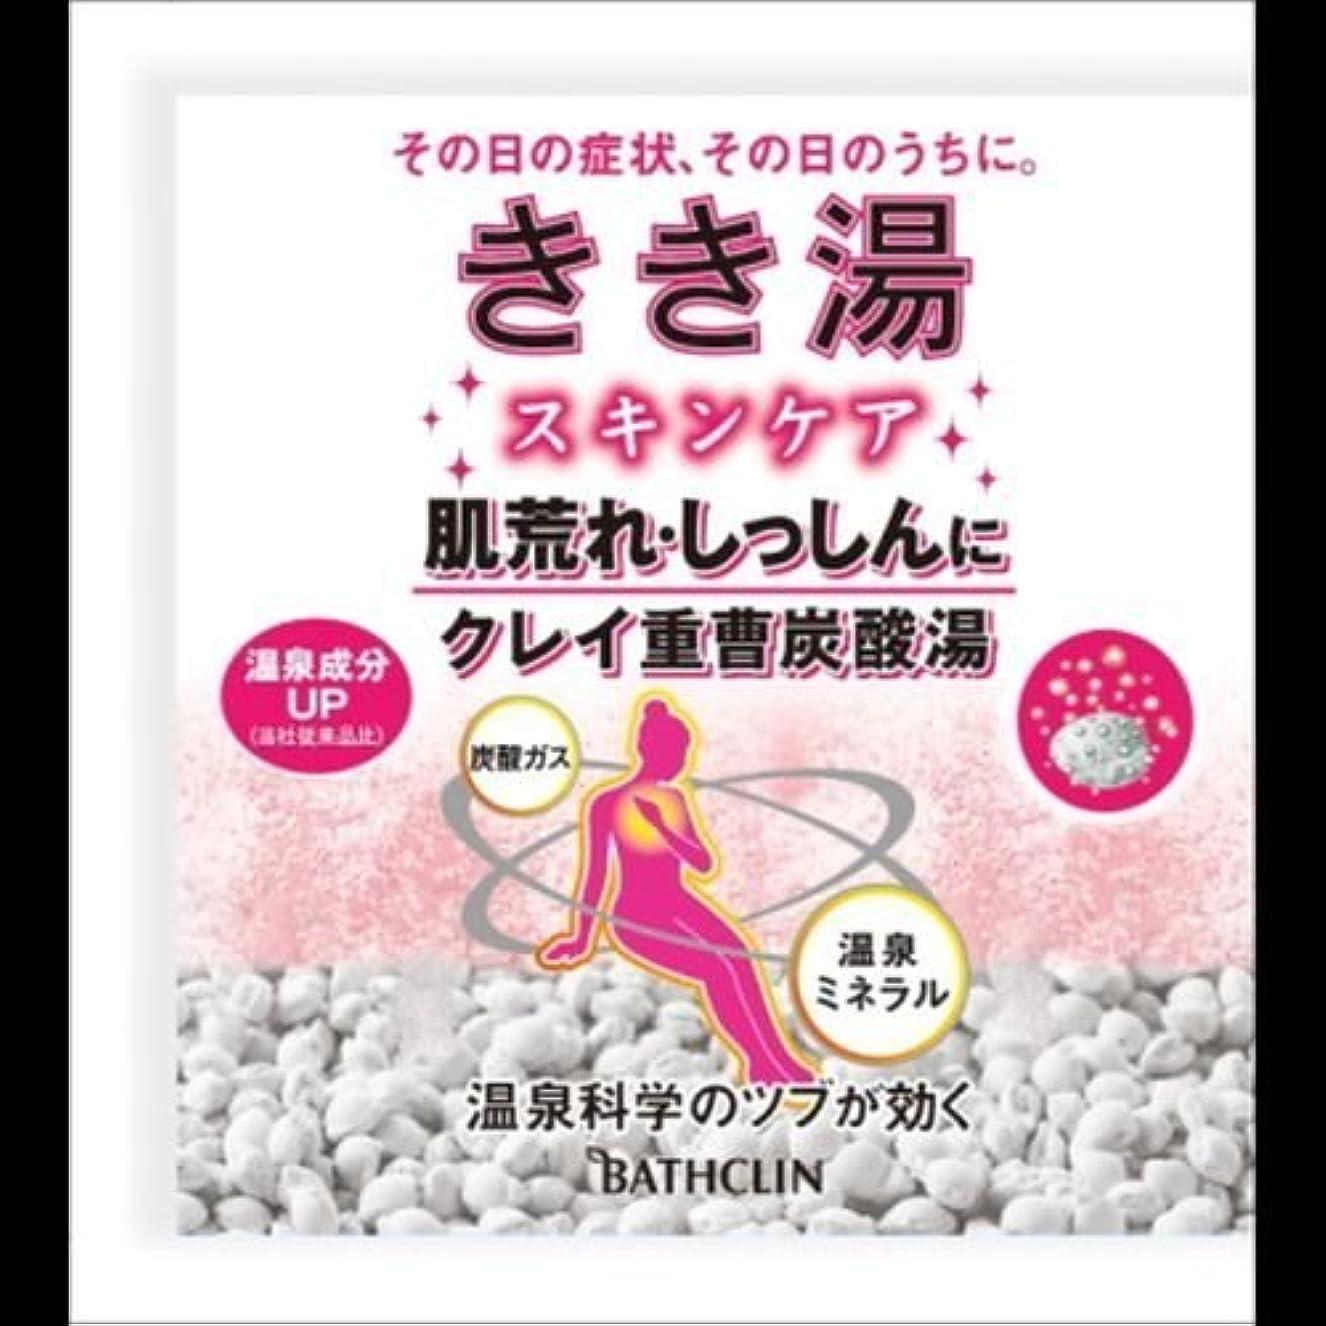 一握り酸度必要とする【まとめ買い】きき湯 クレイ重曹炭酸湯 30g(入浴剤) ×2セット